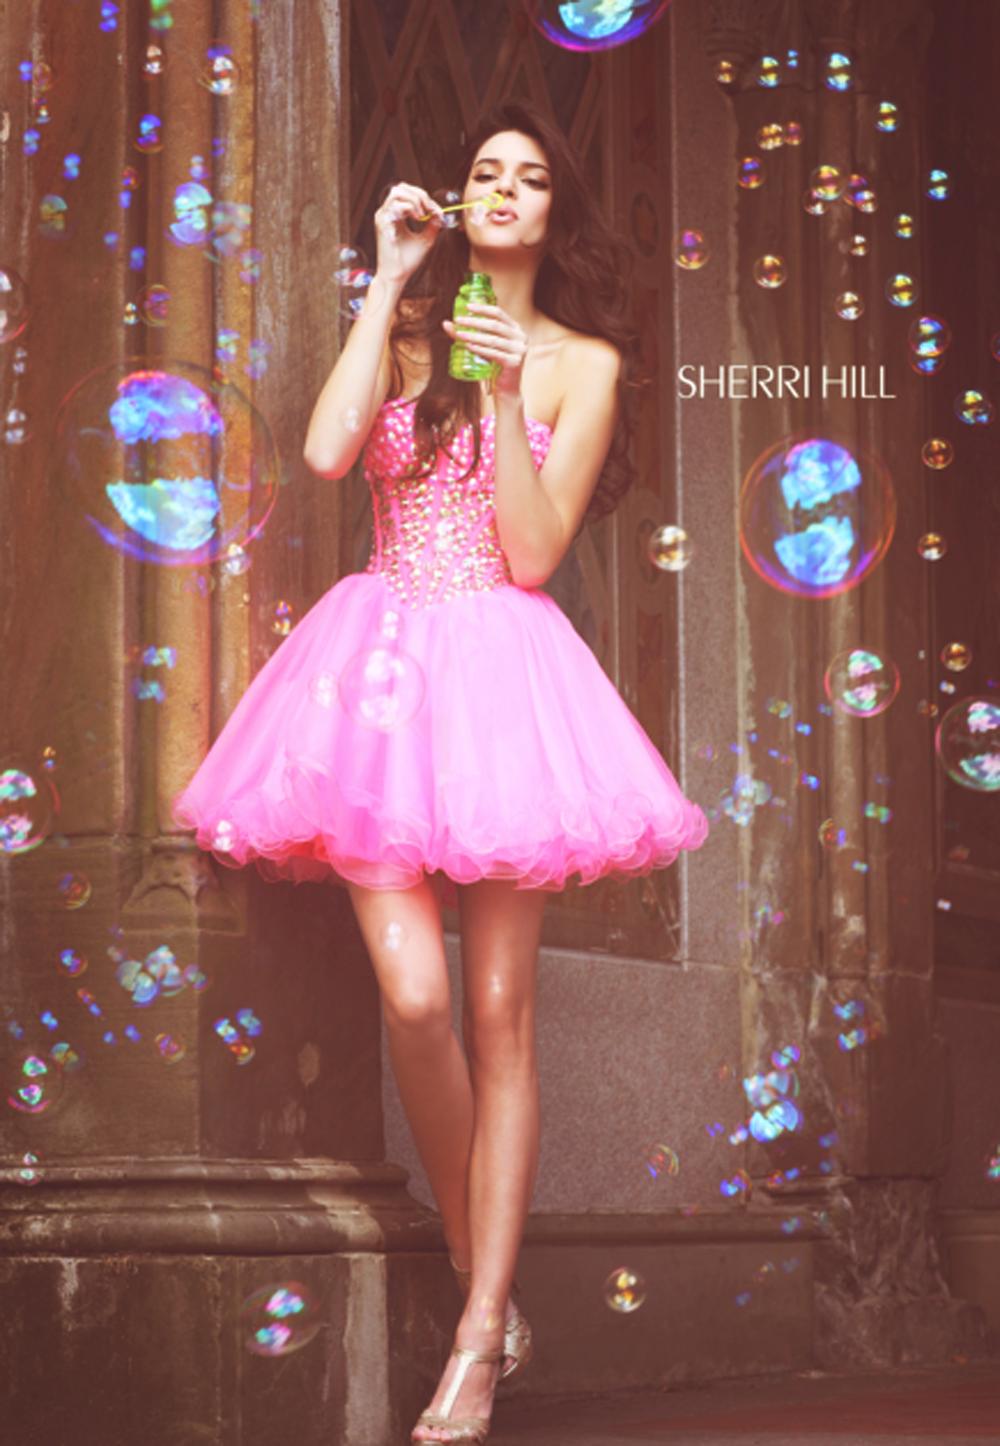 Com outro vestido | poses para book | Pinterest | She s, Kylie and ...